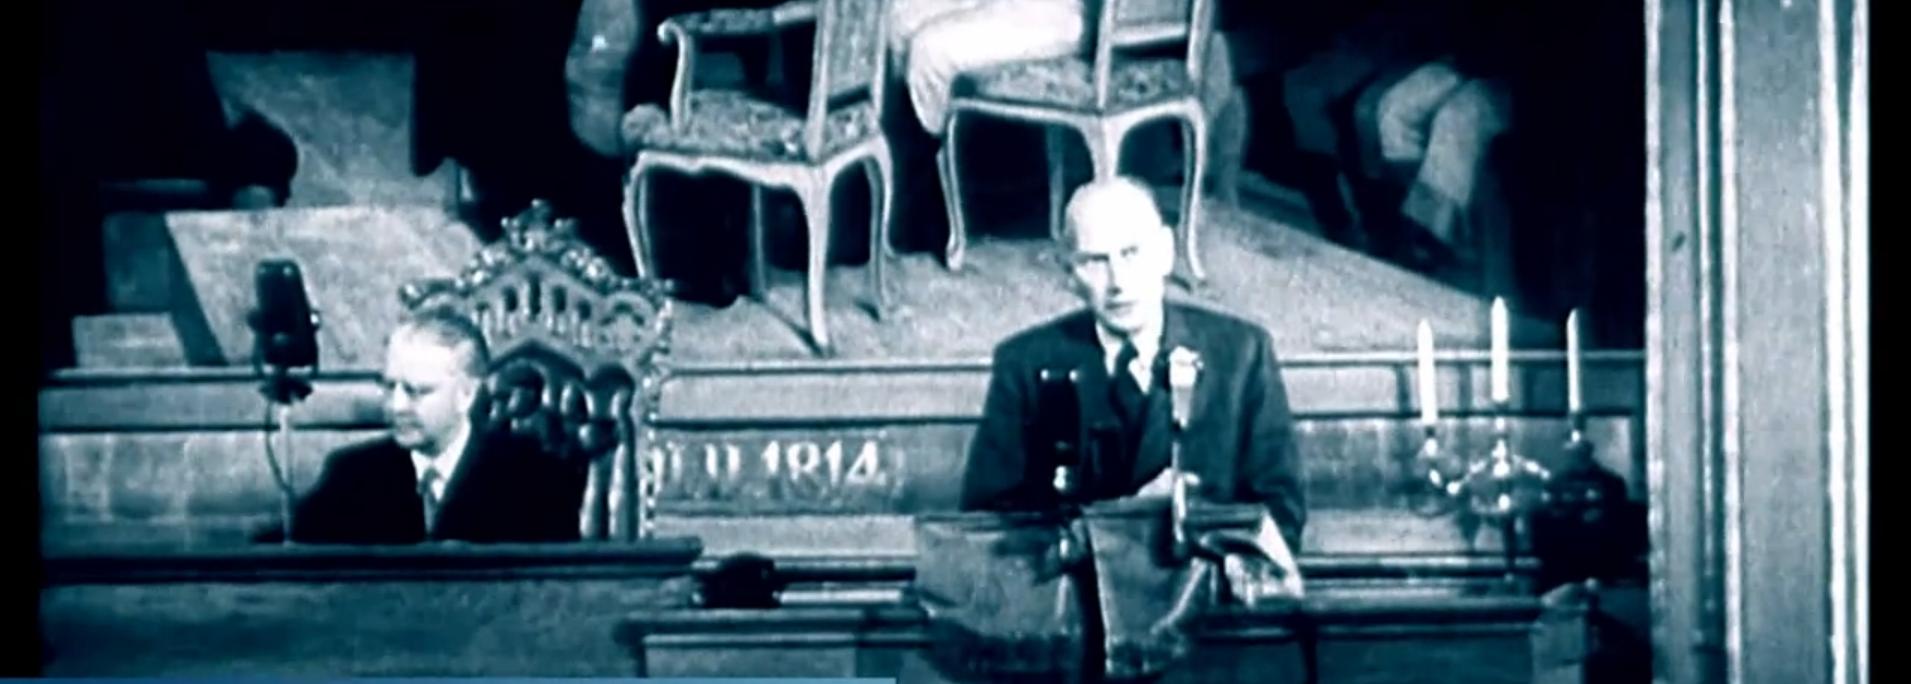 awww.nbim.no_globalassets_timeline_1960_1960_statsminister_gerhardsen.